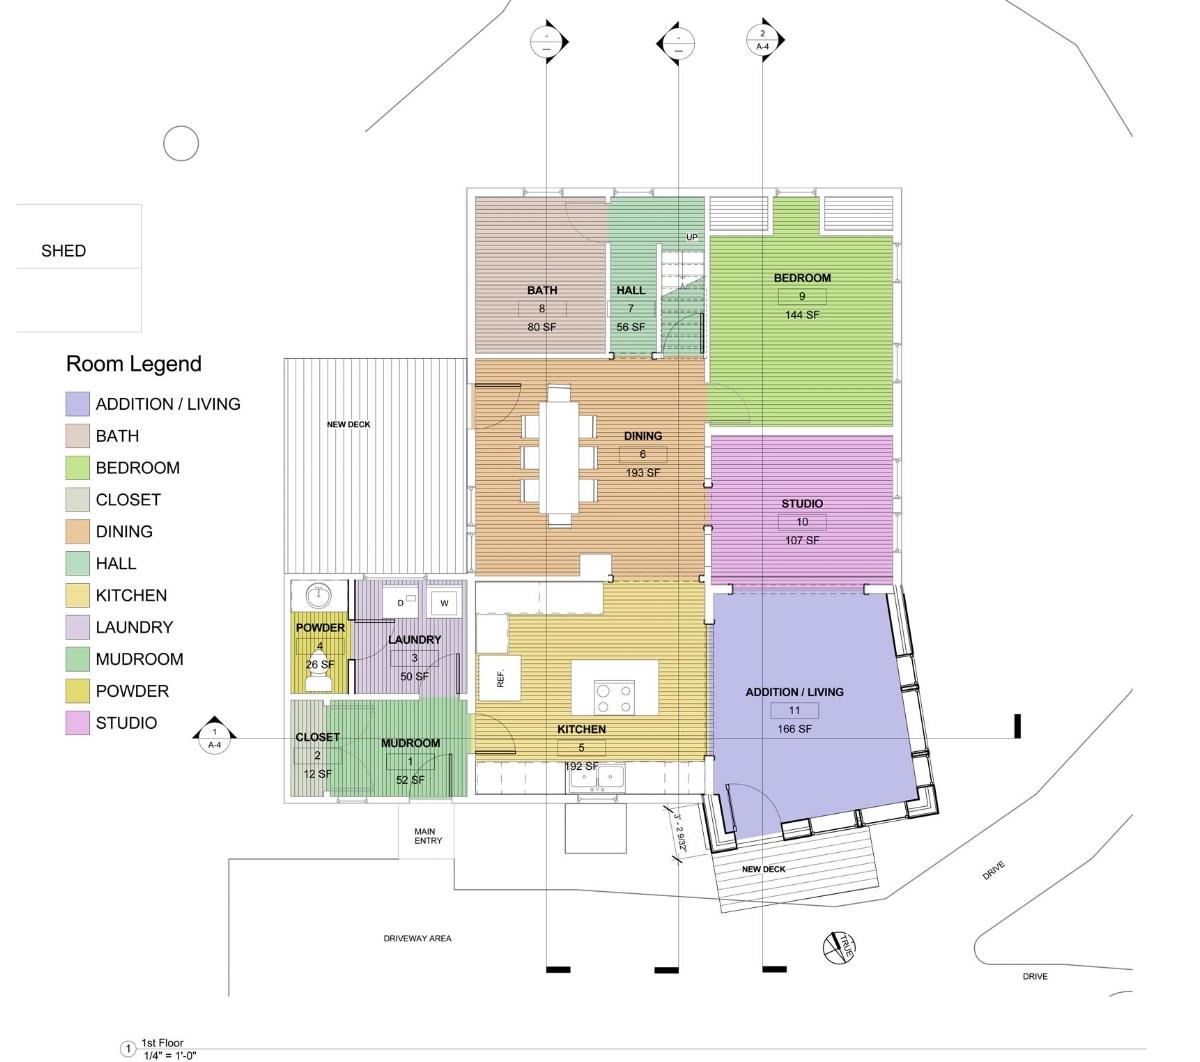 Design plan - ground level